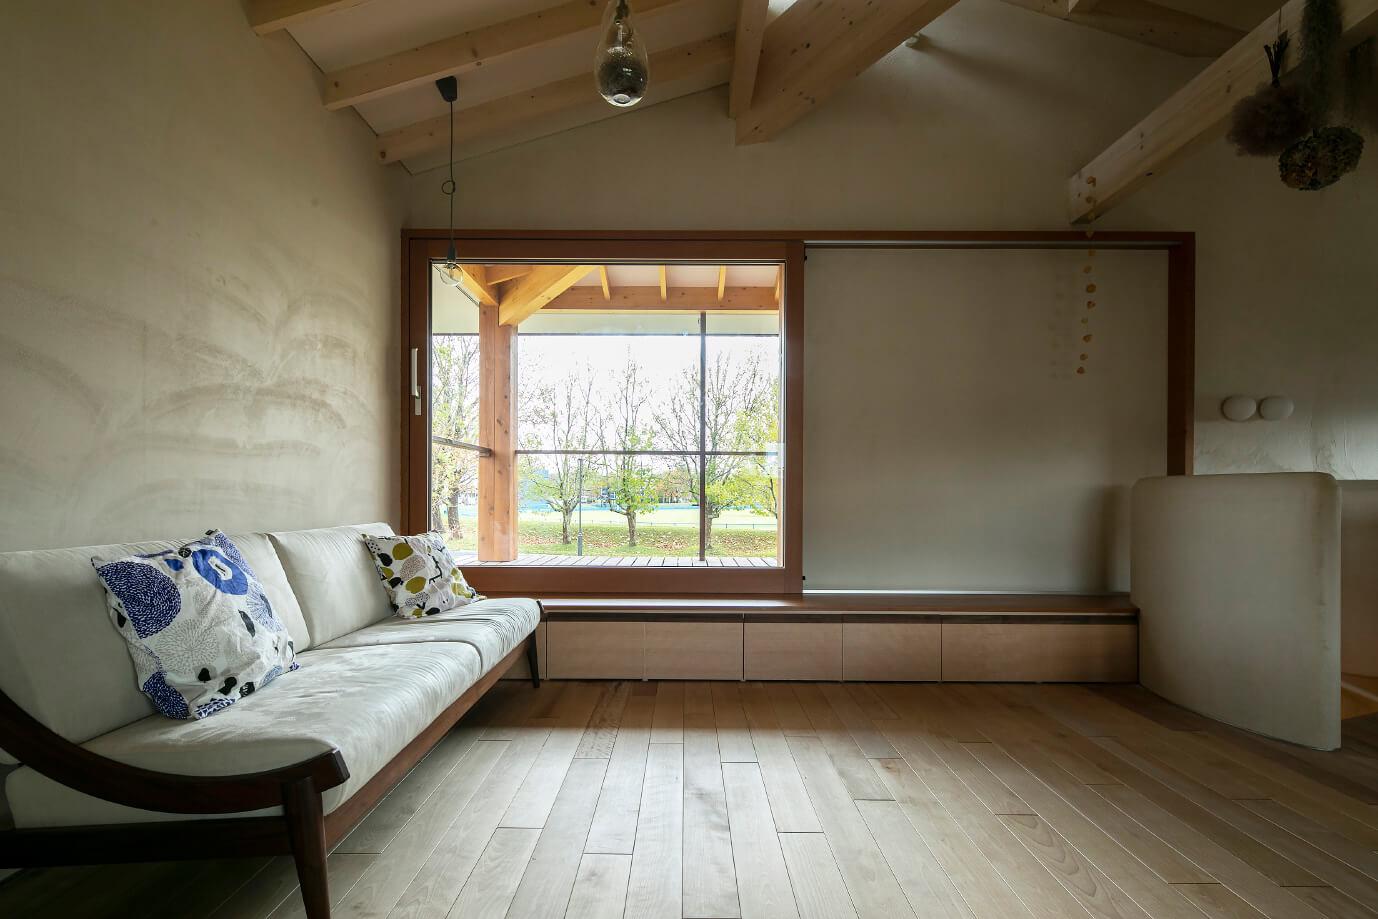 緑豊かな公園が広がるリビングの窓の向こうにはウッドデッキがある。2階のソファも1階同様「moonlit-studio(ムーンリットスタジオ)」のもの